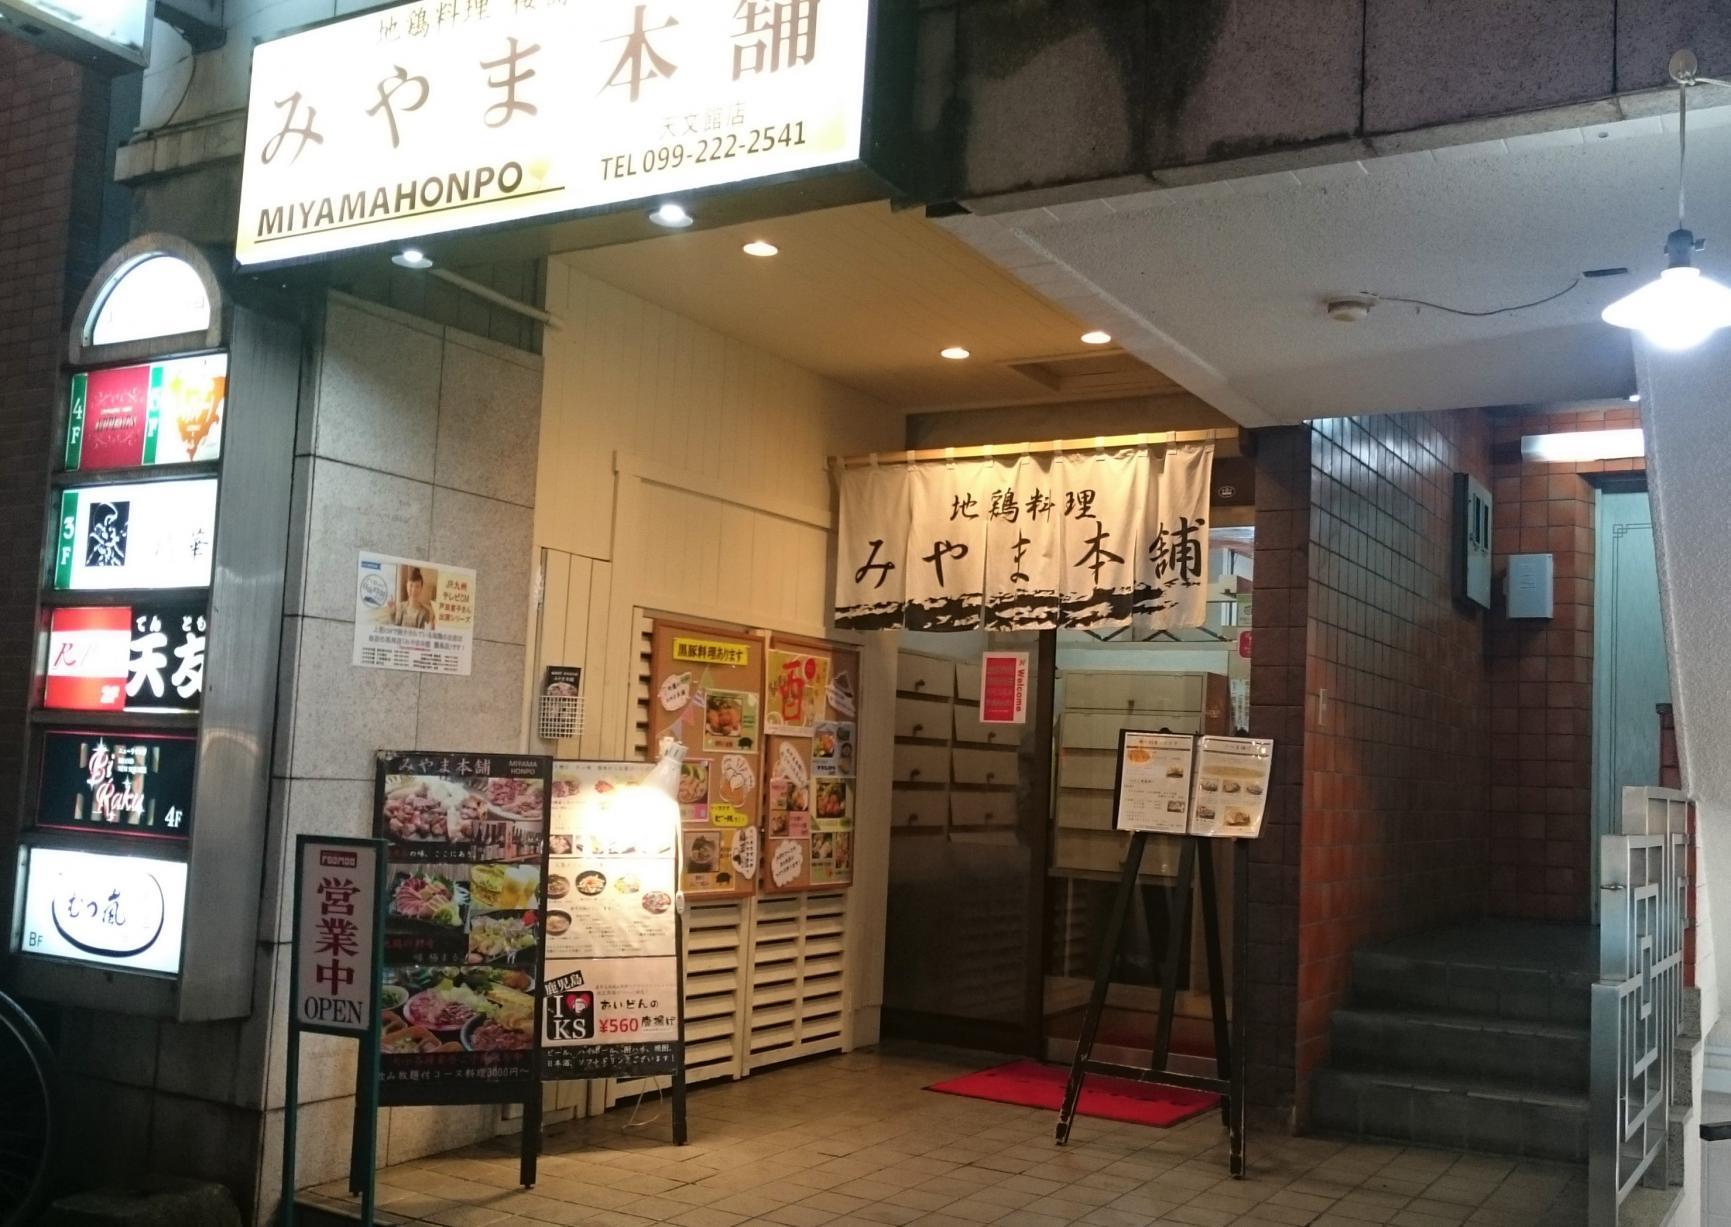 地鶏・鶏料理 みやま本舗 天文館店-3